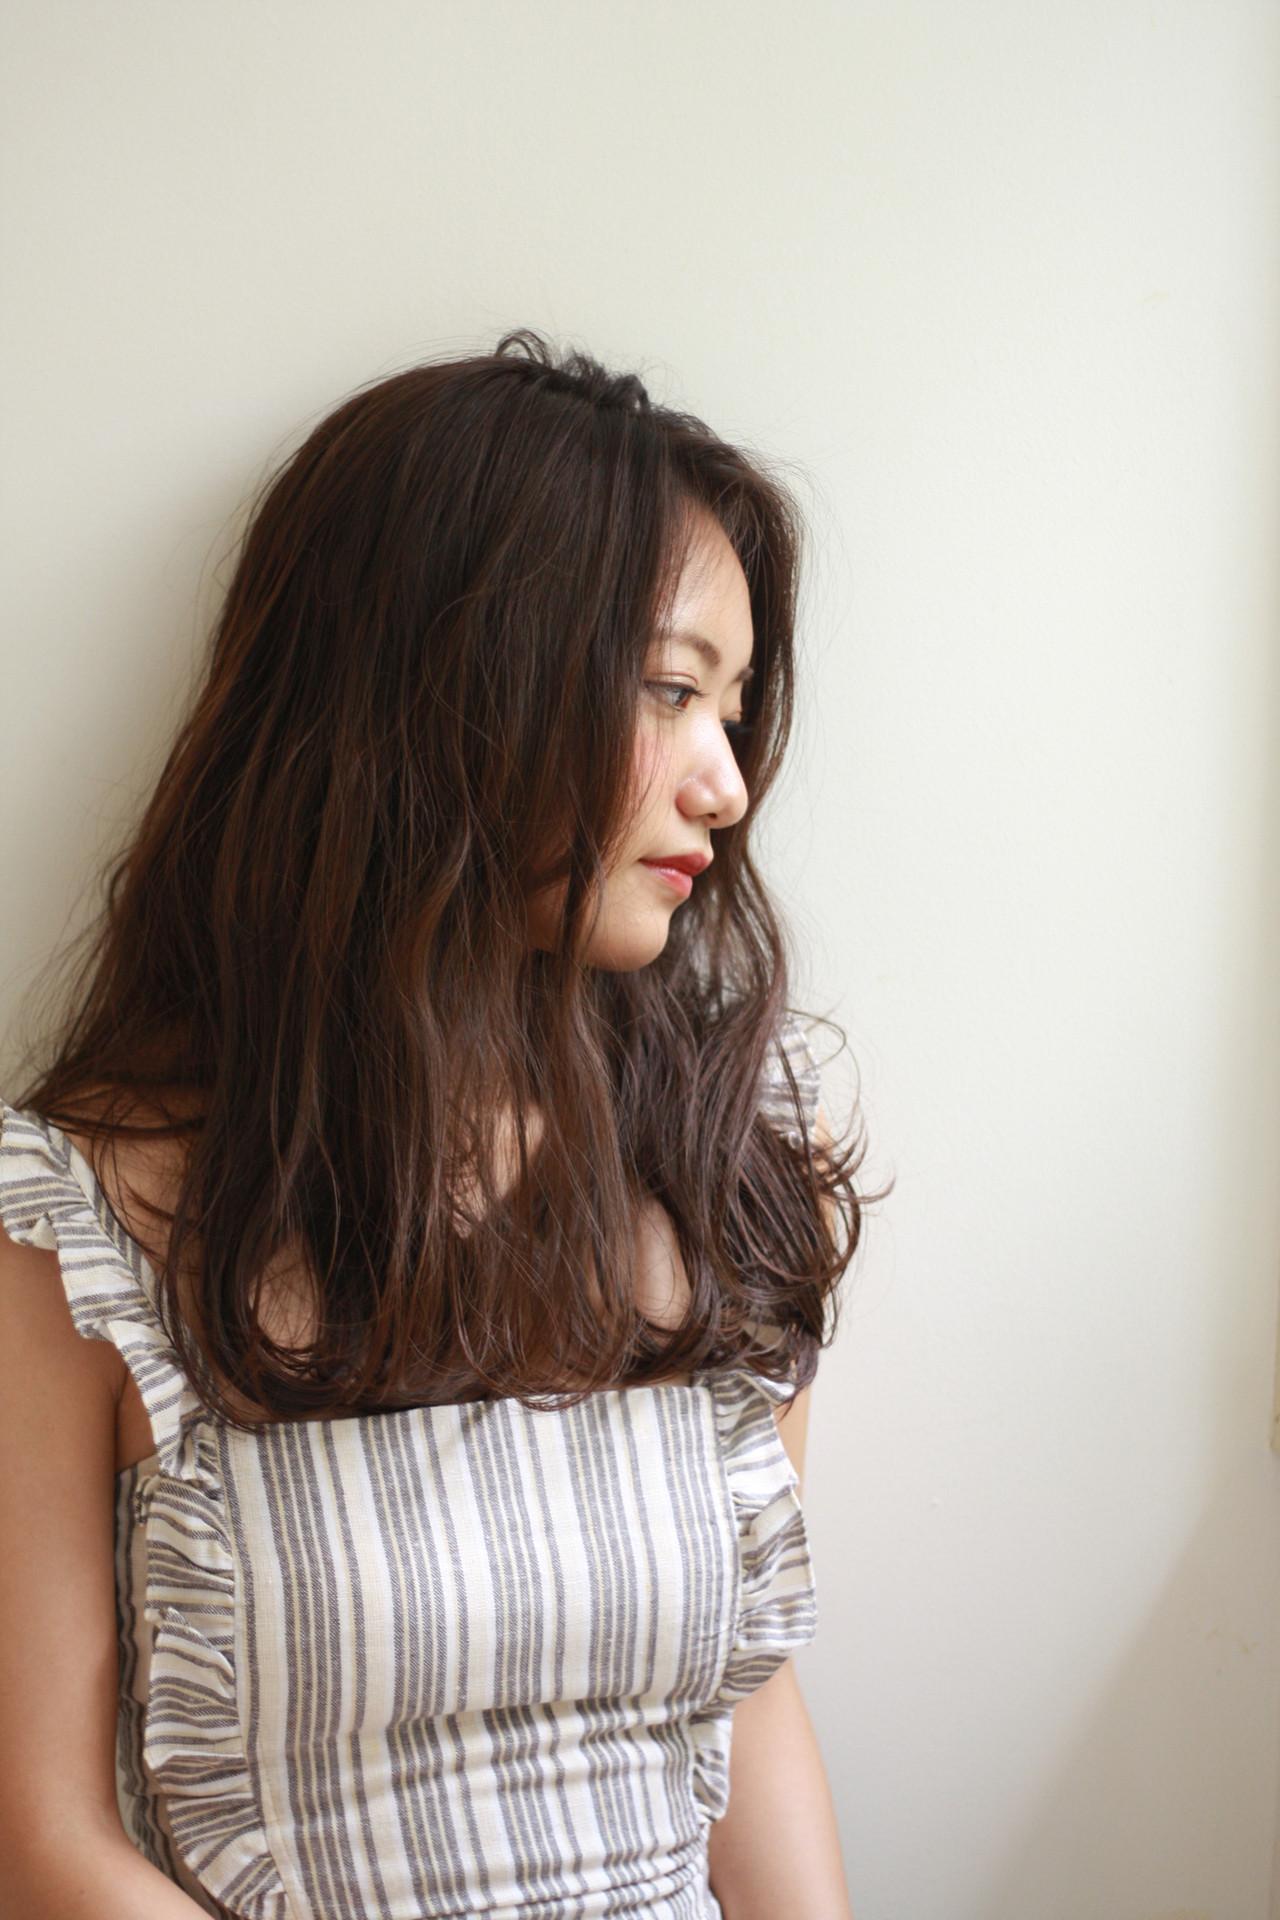 アッシュグレージュ アッシュ 無造作 巻き髪 ヘアスタイルや髪型の写真・画像 | fujihara daigo / LAULEA